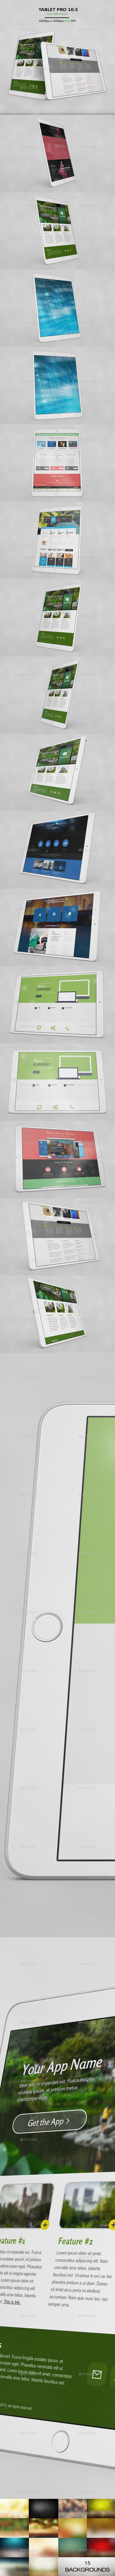 Tablet Pro 10.5 App MockUp 2017 Vol2 - Product Mock-Ups Graphics